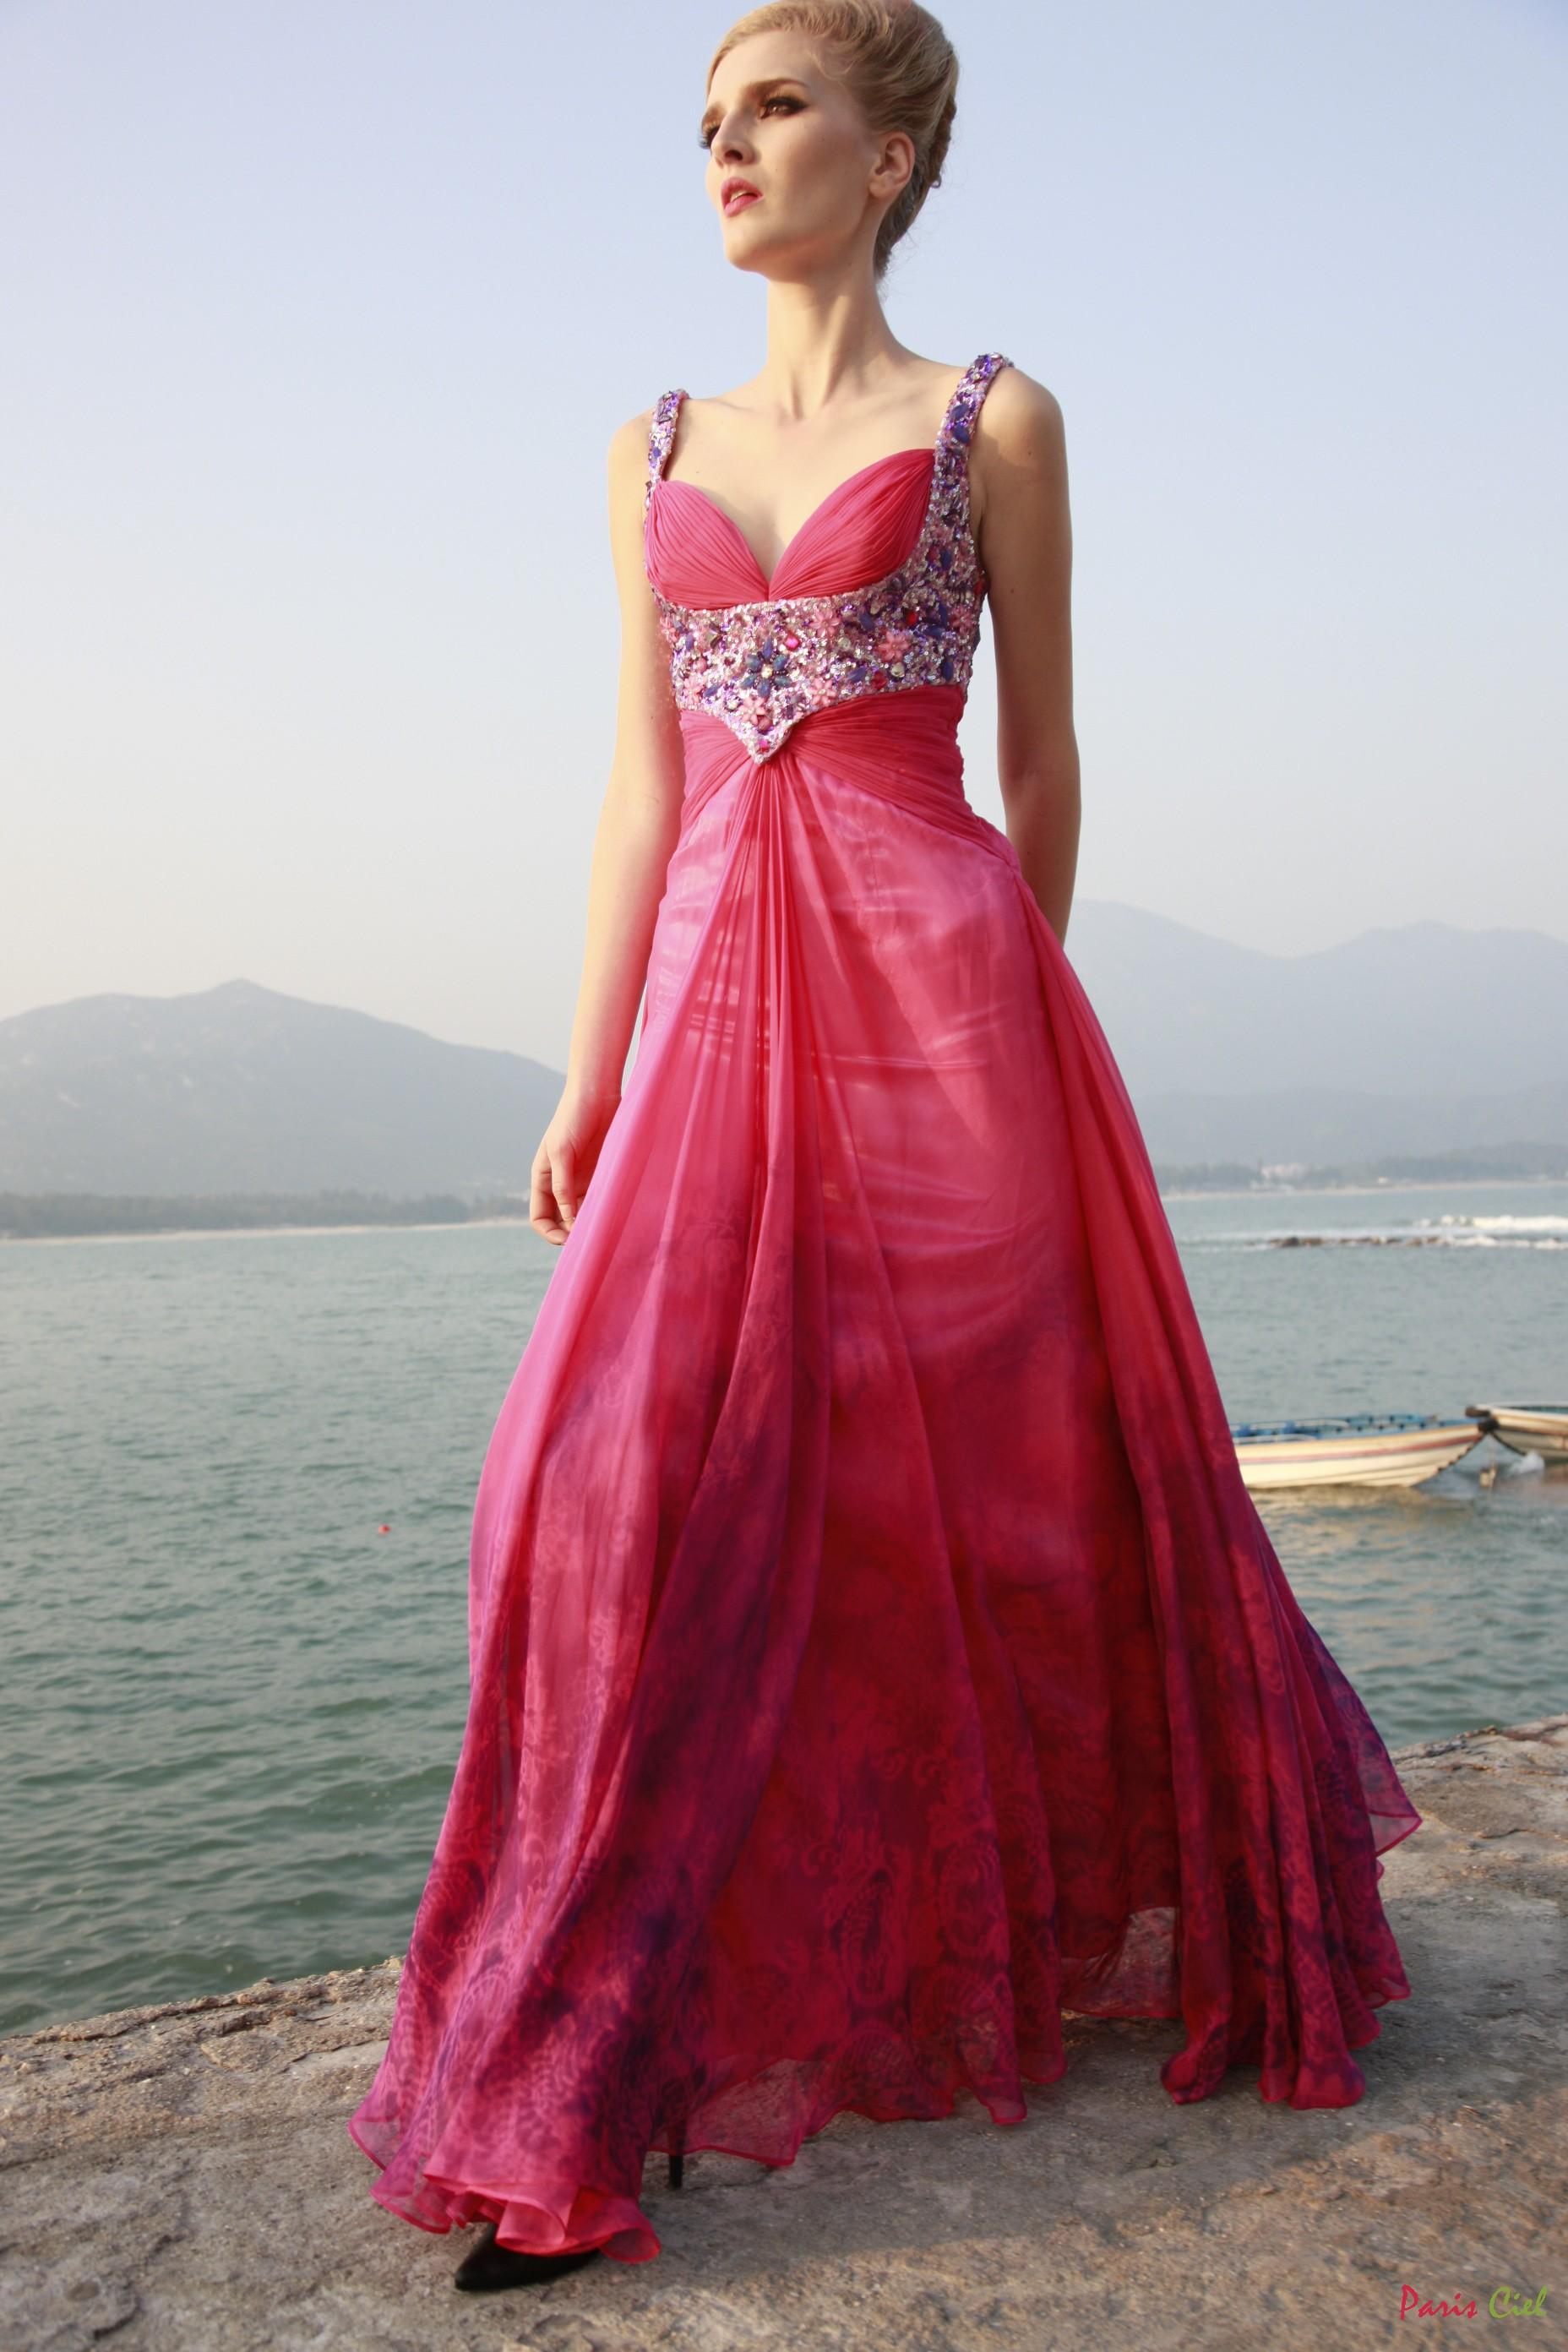 4dda4c10e57a3 kırmızı taş işlemeli vakko abiye modeli – moda bayan giyim kadın ...